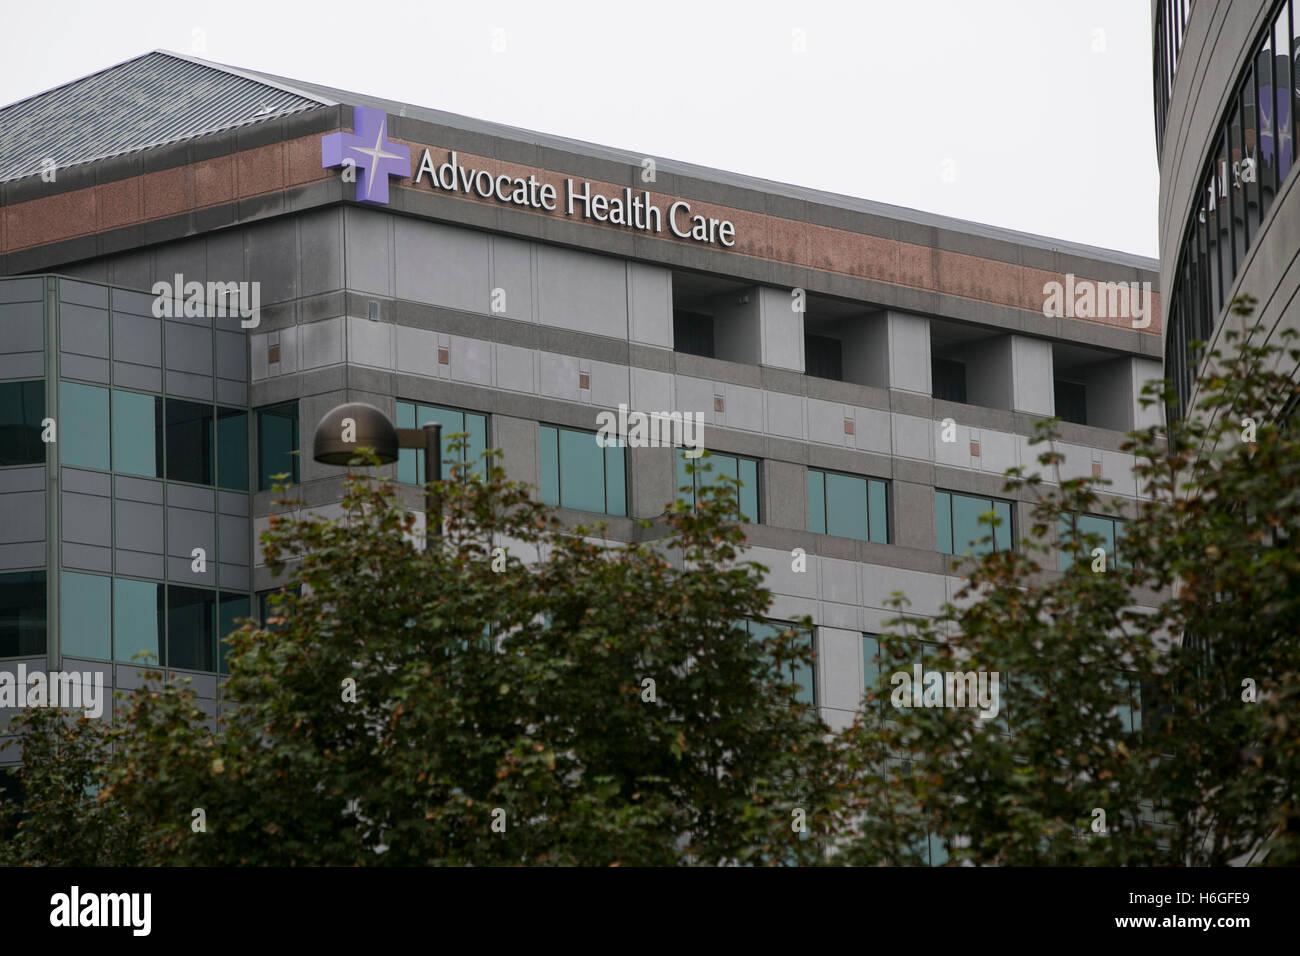 Un logotipo firmar fuera de la sede de defender la salud en Downers Grove, Illinois el 15 de octubre de 2016. Imagen De Stock